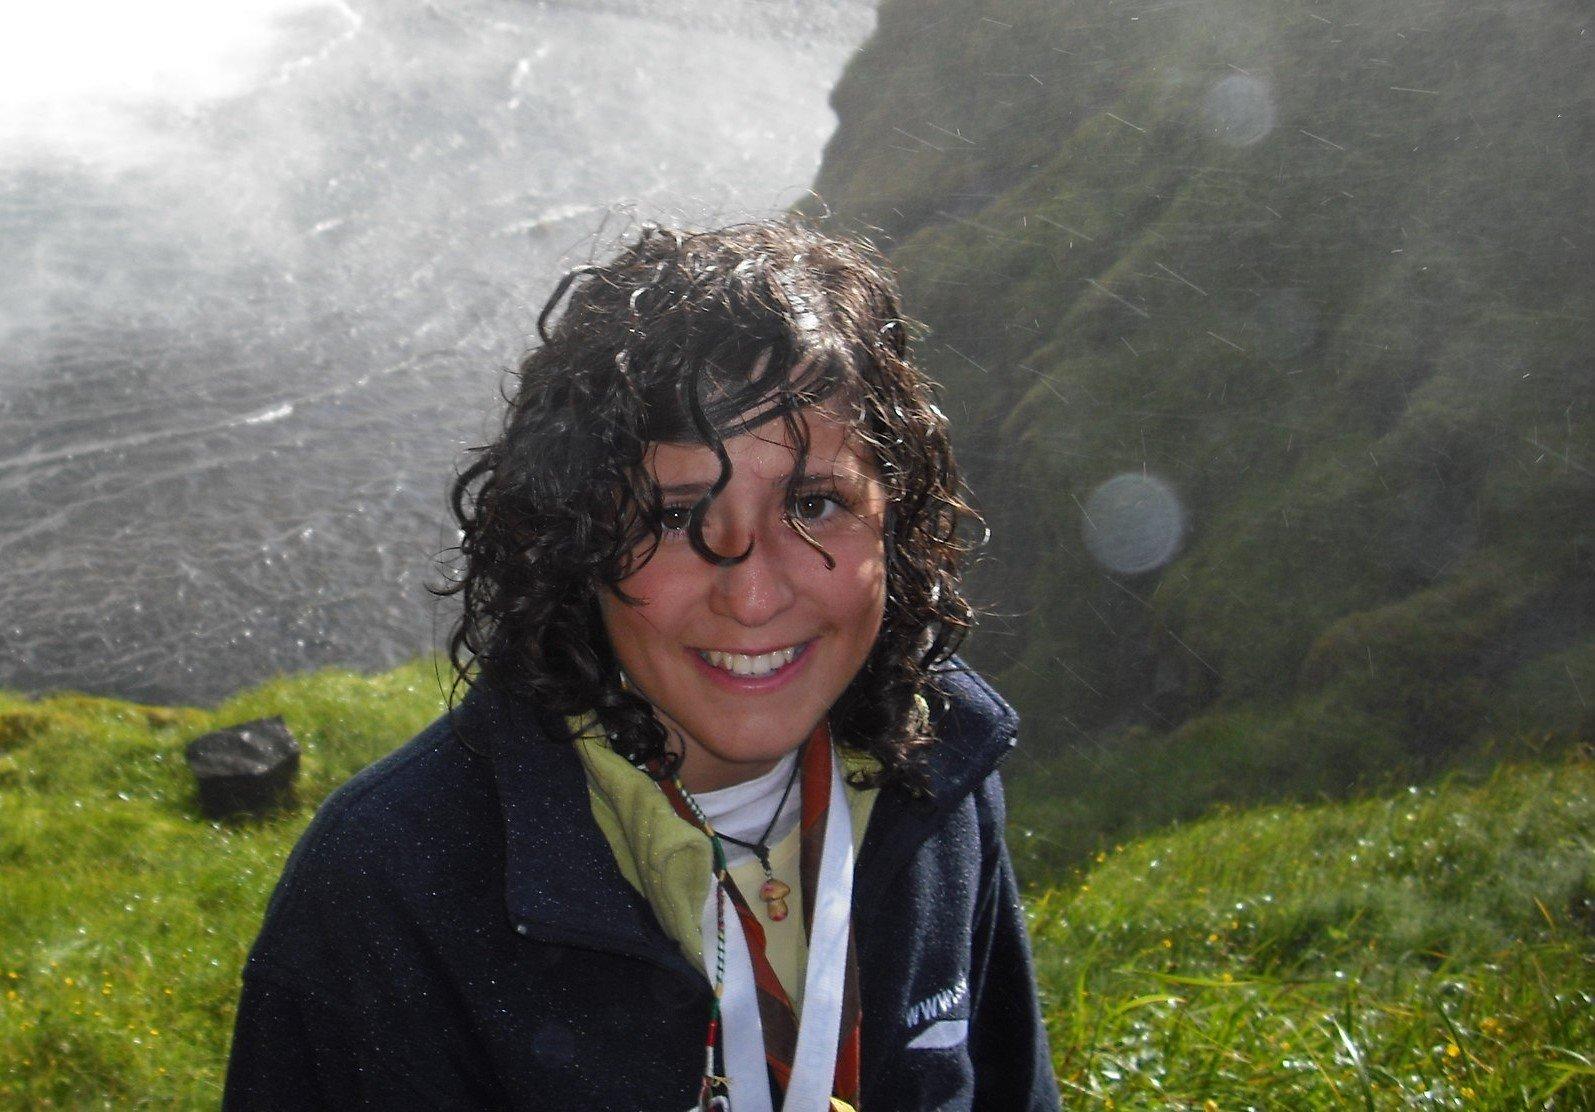 Chica empapada por la lluvia, con una chupa muy grande.